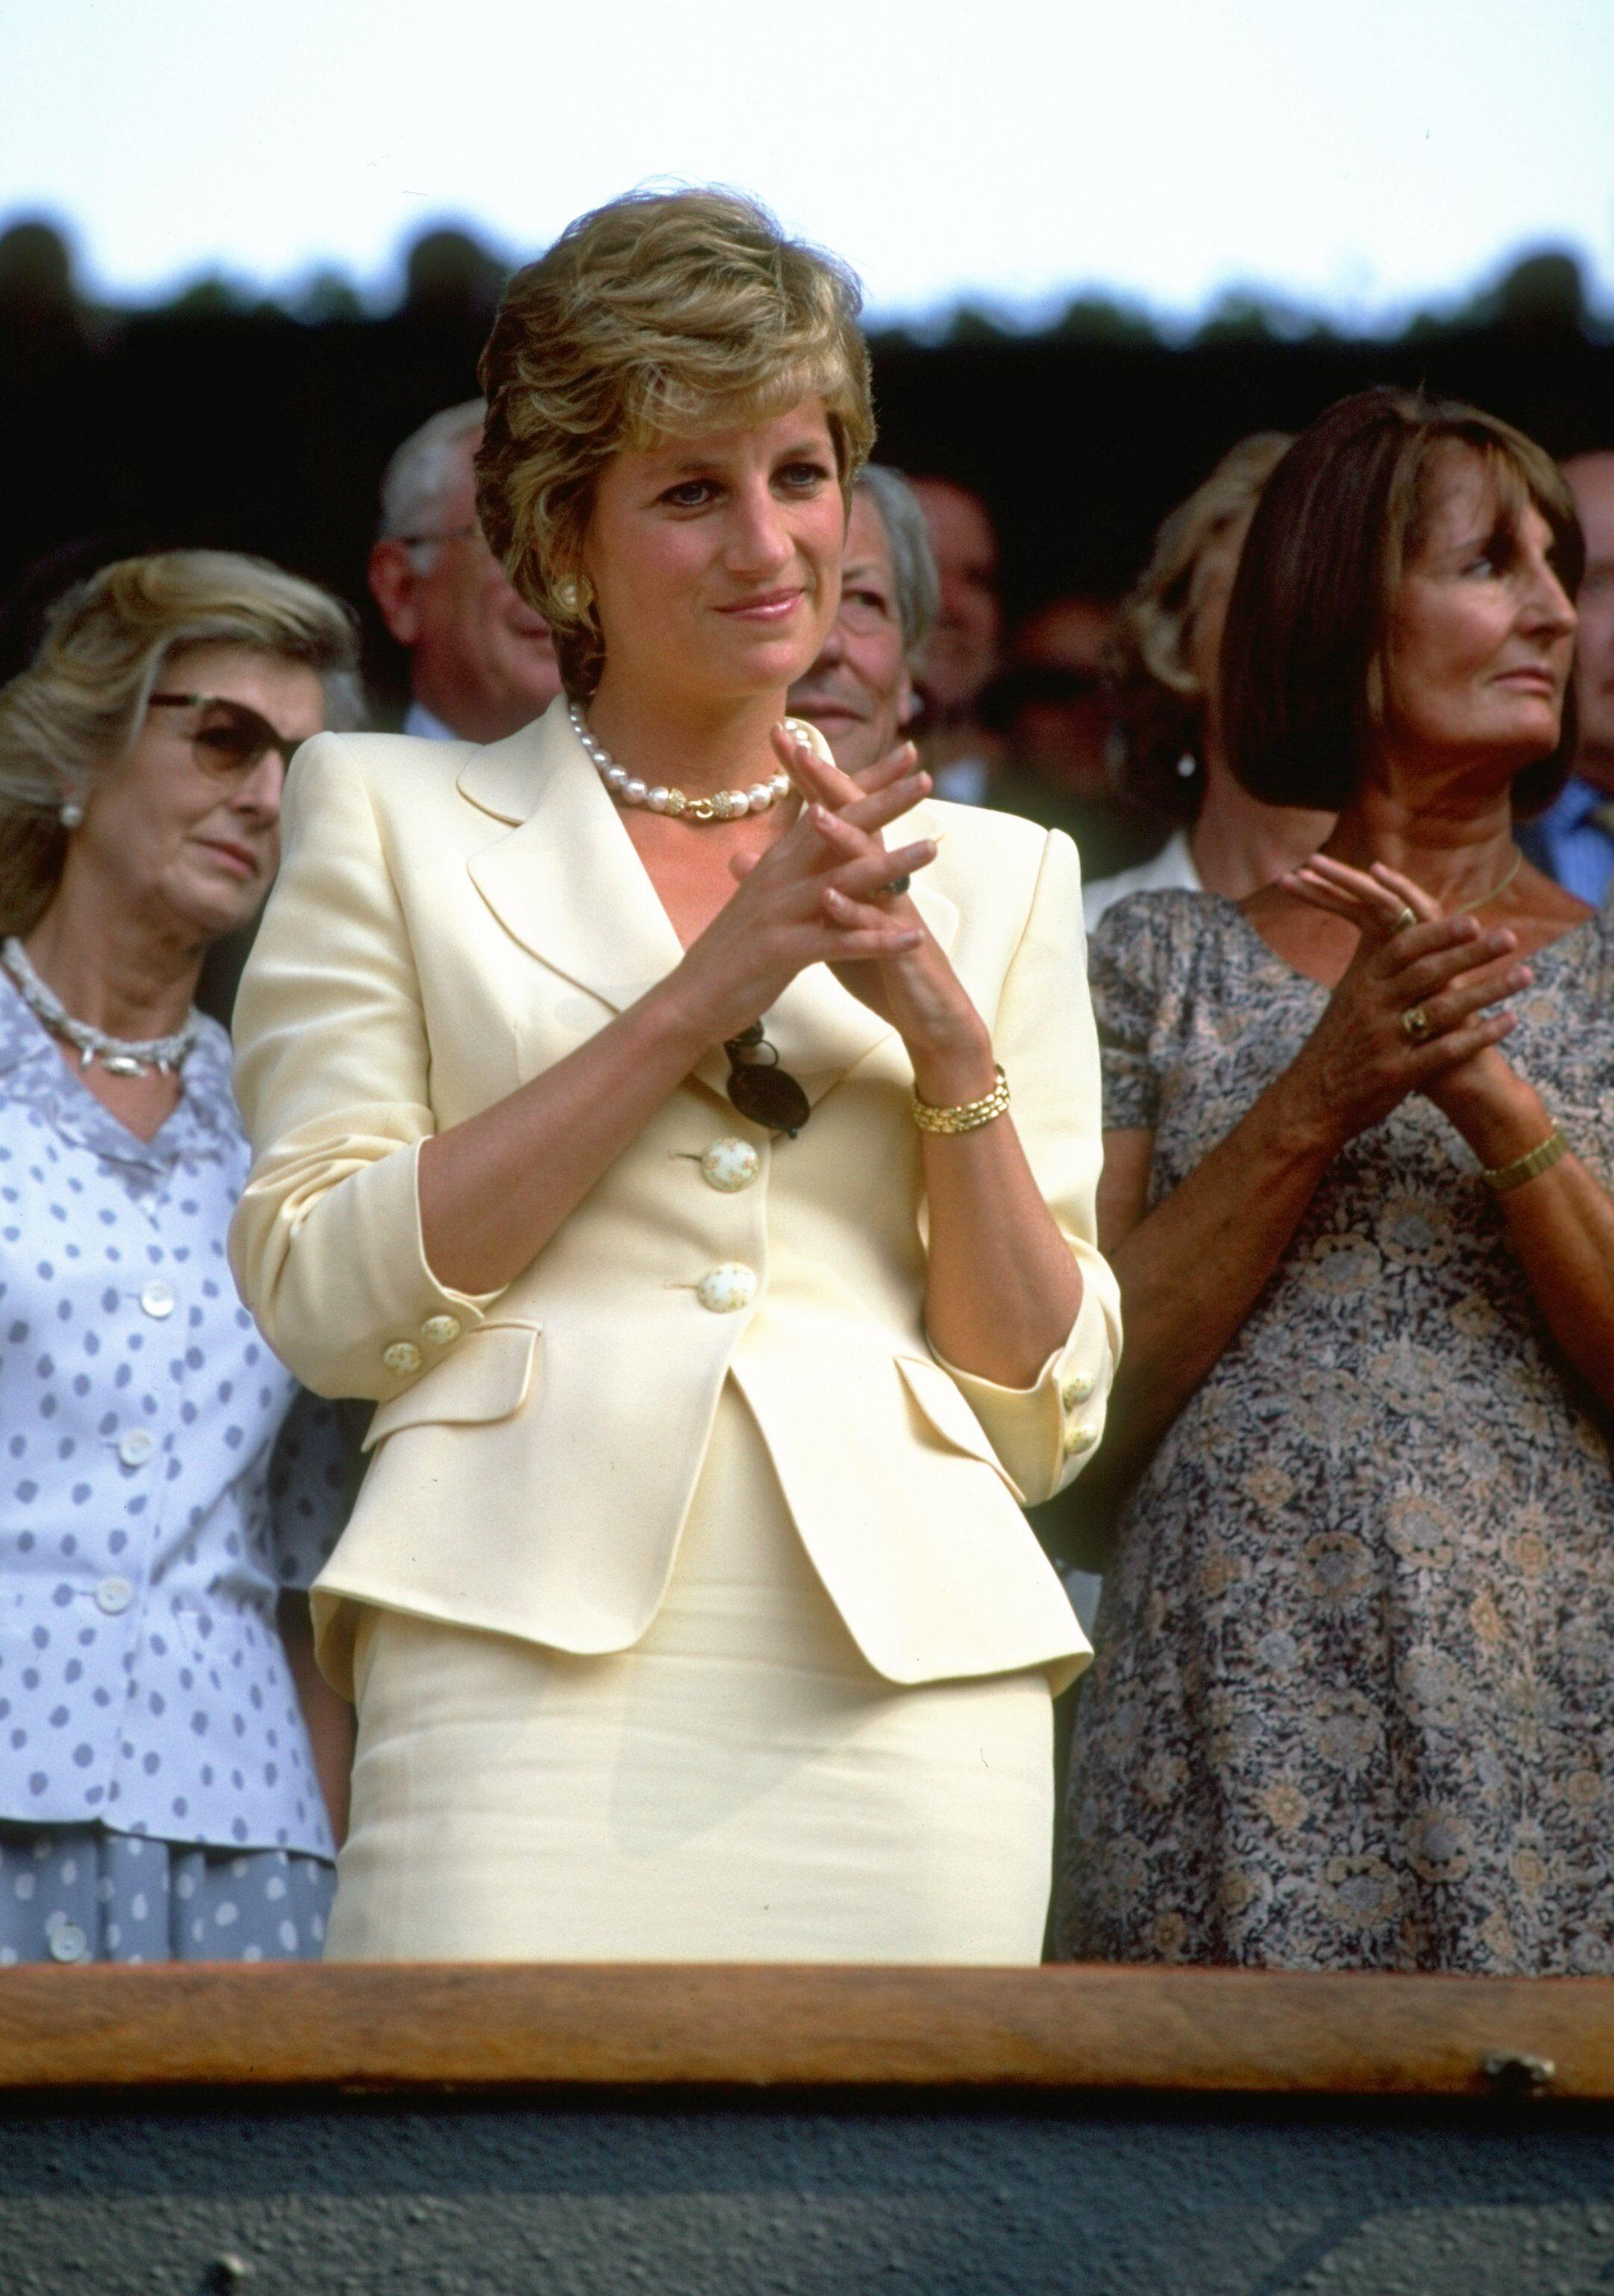 Princesa Diana de Gales │Imagen tomada de: Getty Images